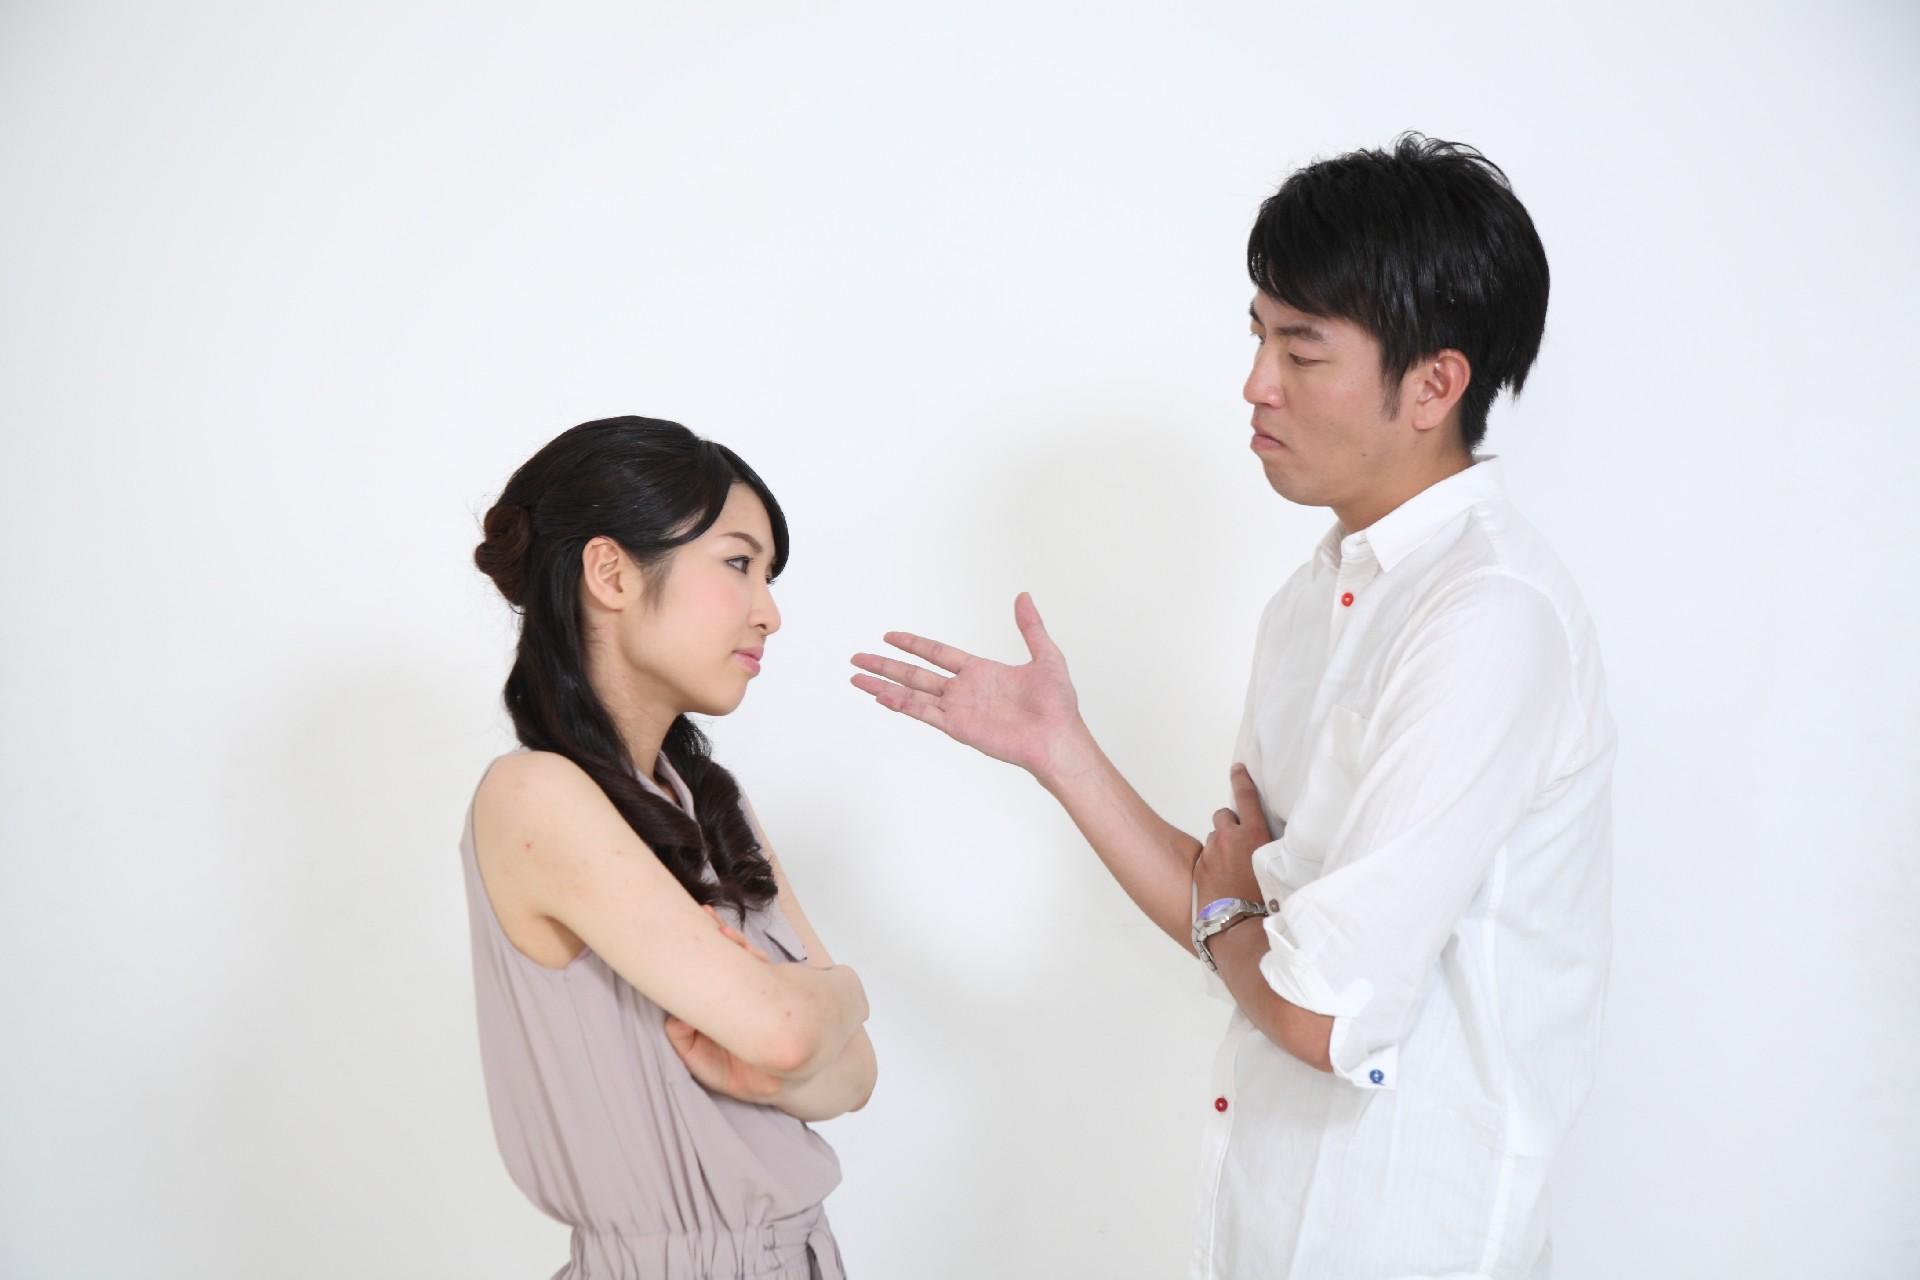 喧嘩で恋愛関係が自然消滅しそうなとき、あなたがとるべきベストな行動とは?